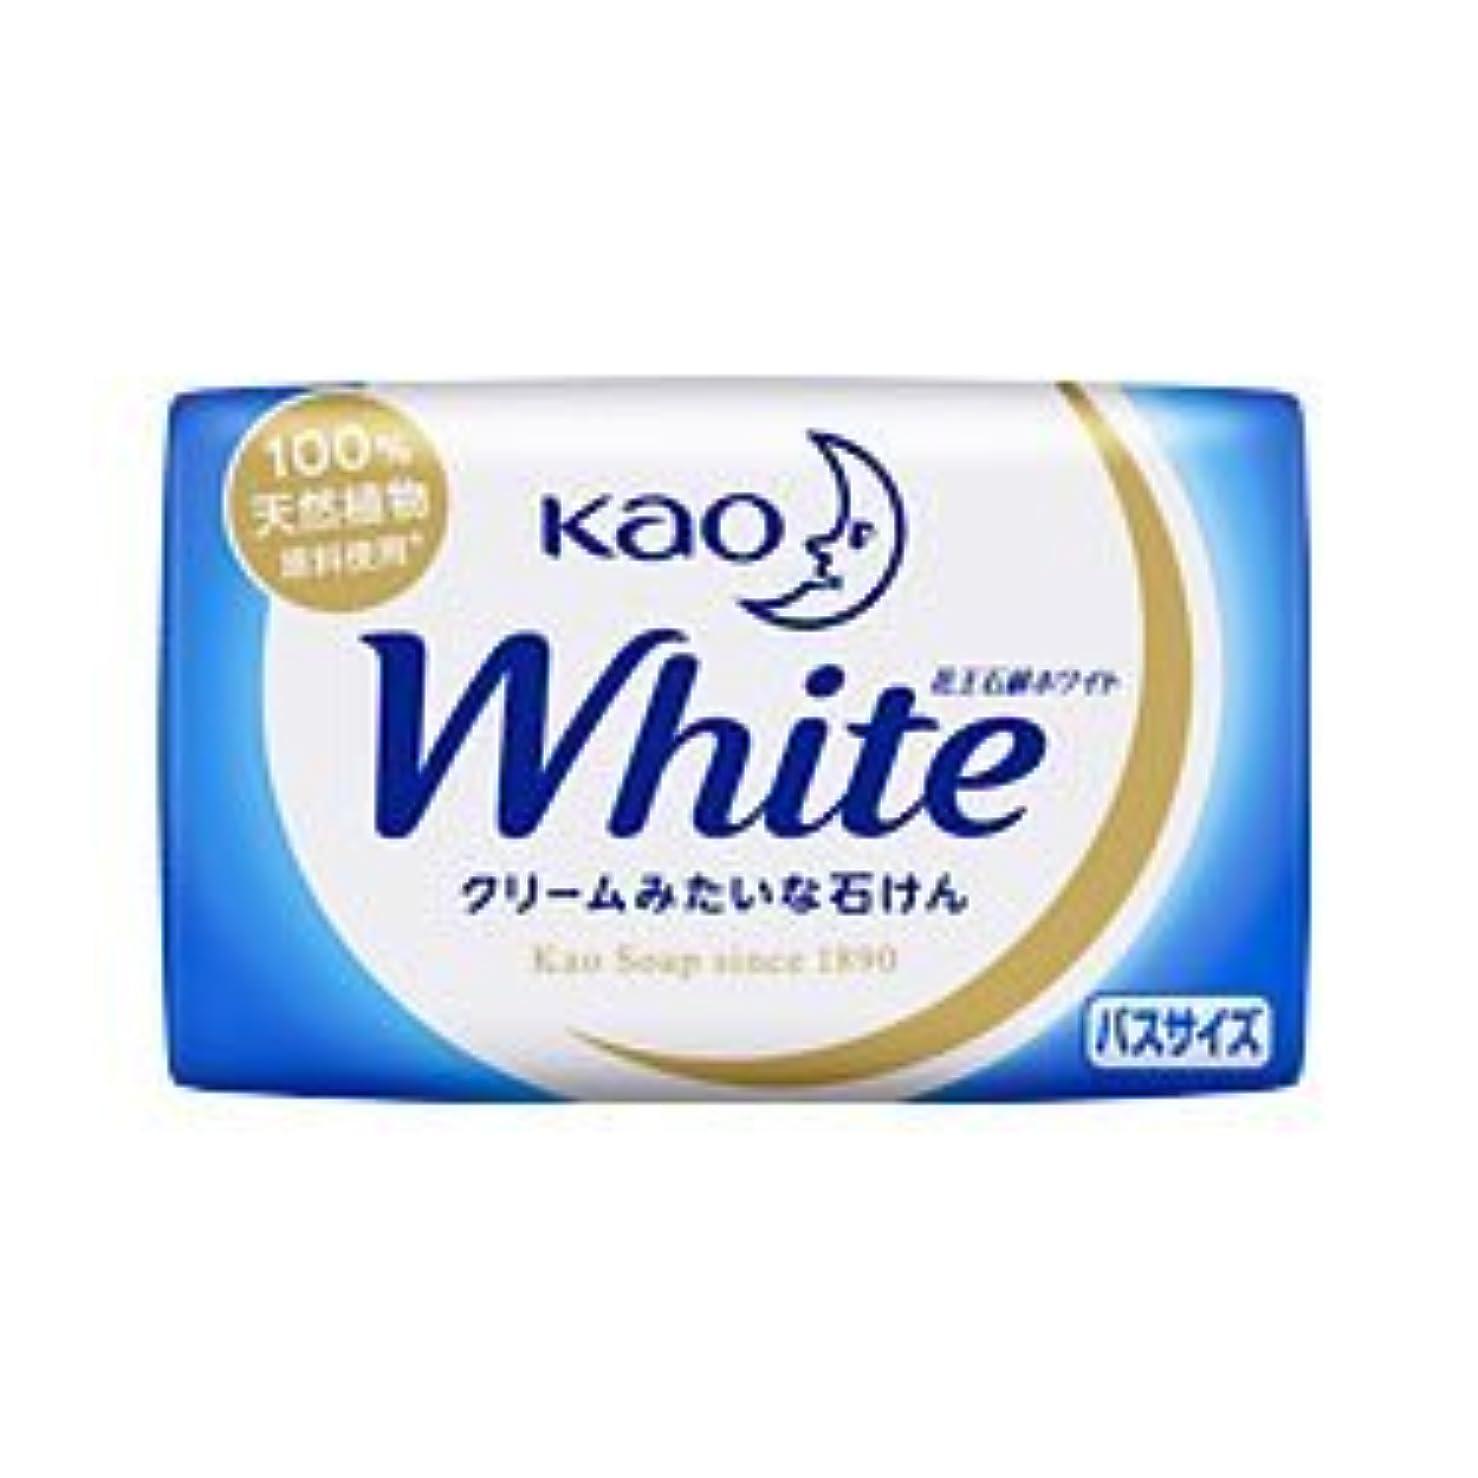 刺しますつぶやきケープ【花王】花王ホワイト バスサイズ 1個 130g ×10個セット